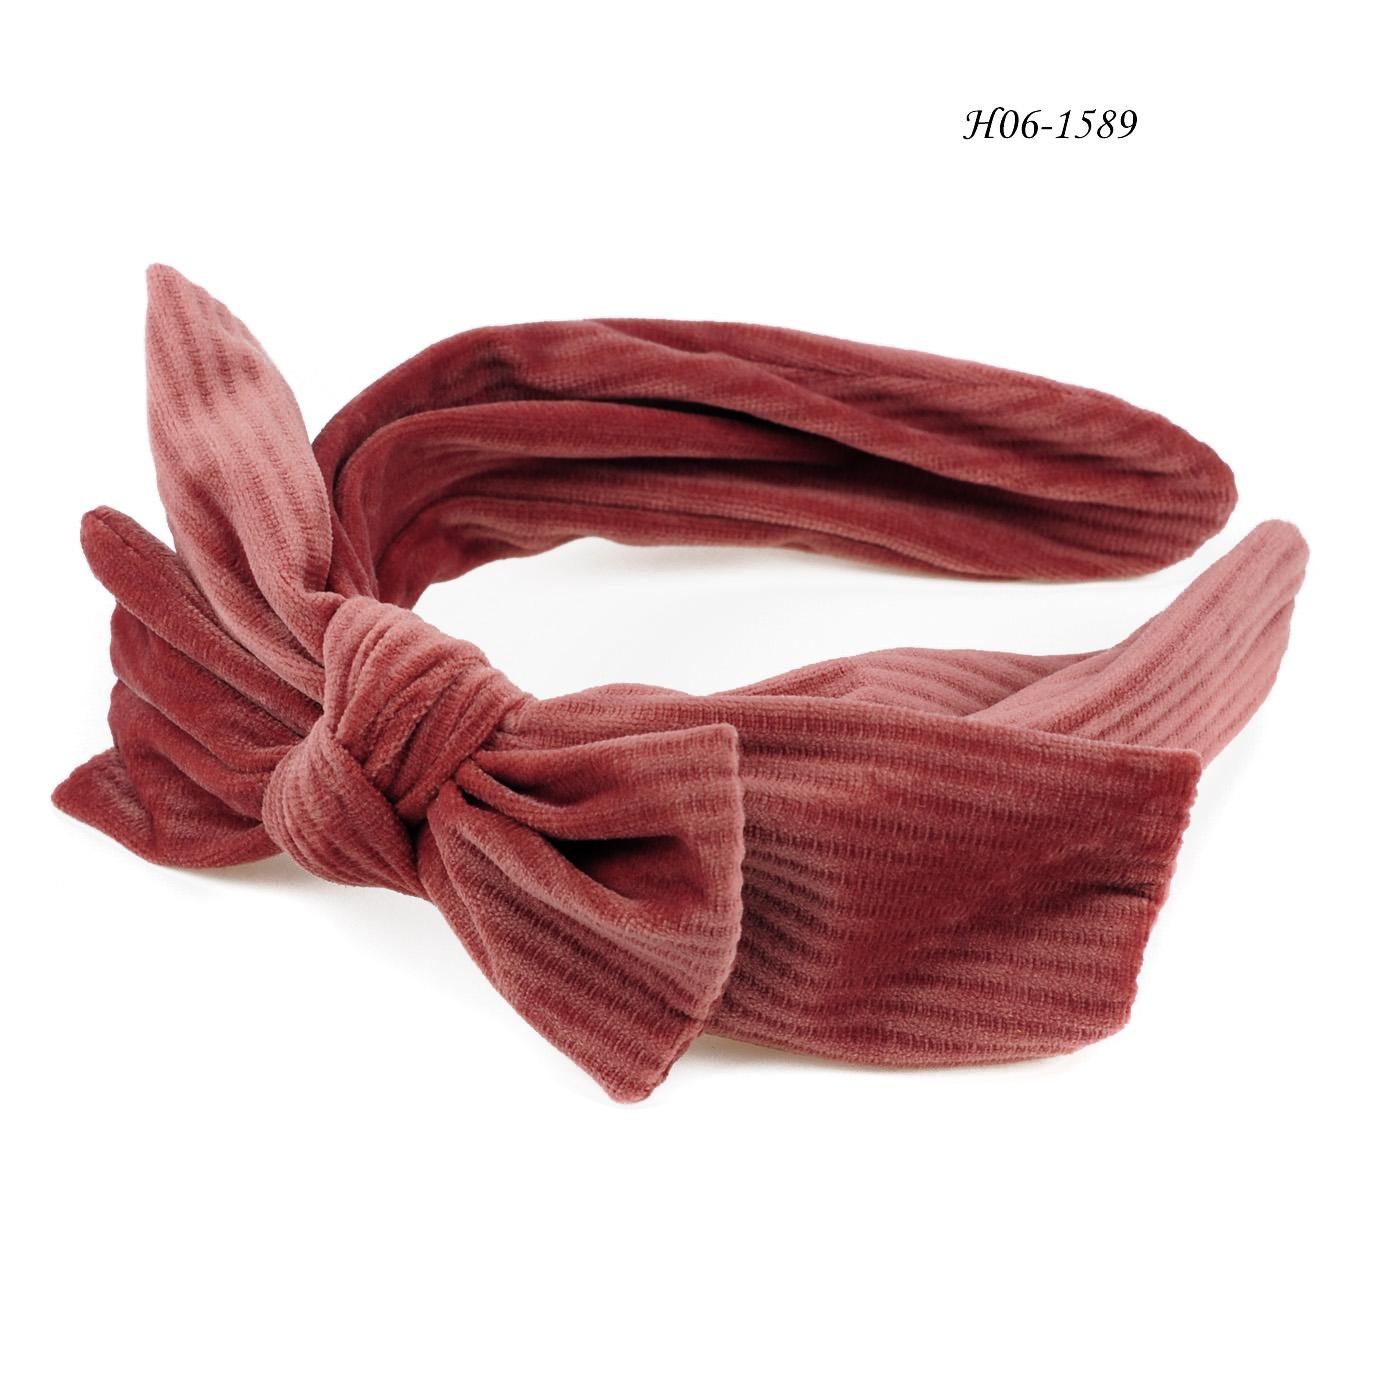 Hair accessories H06-1589